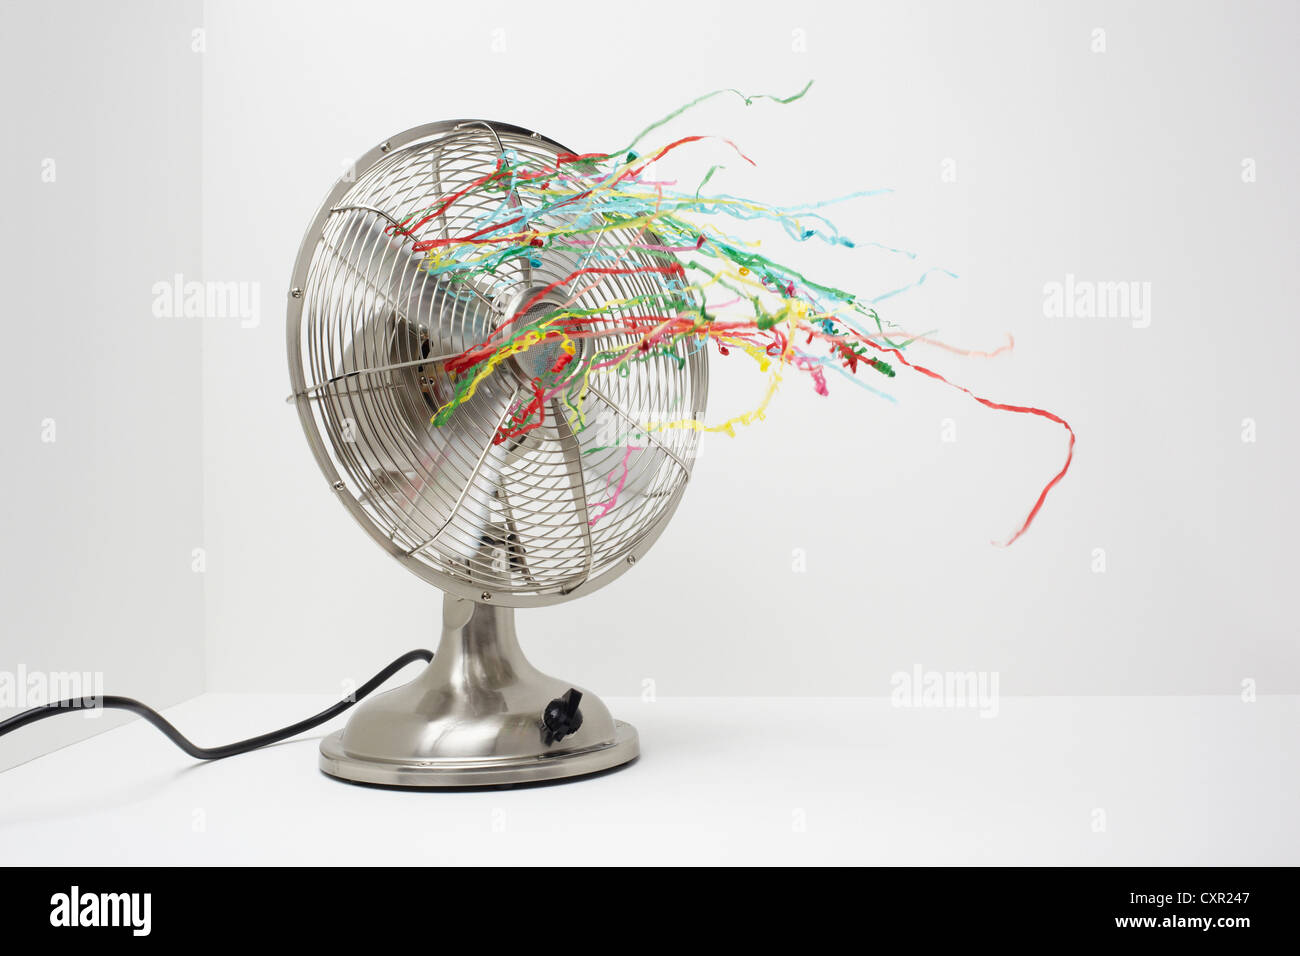 Ventola elettrica con streamers Immagini Stock